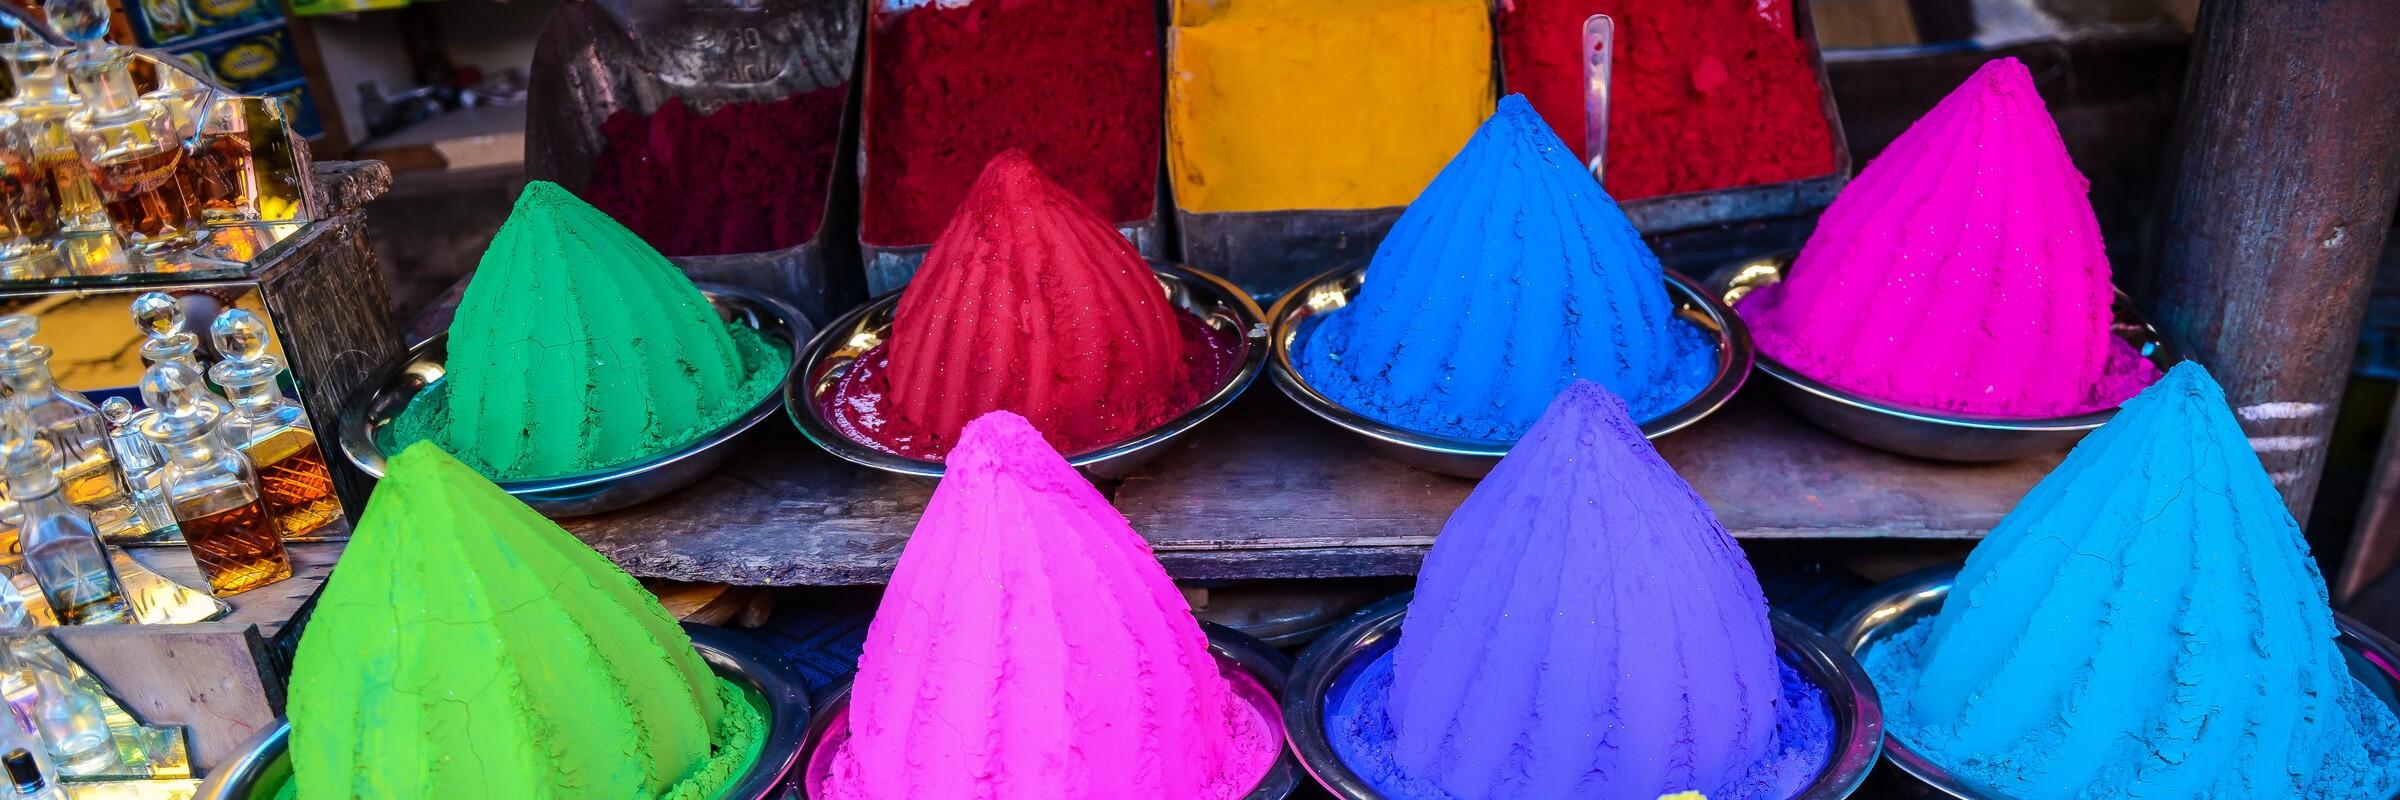 Bunte Kreide auf einem Markt im südindischen Mysore